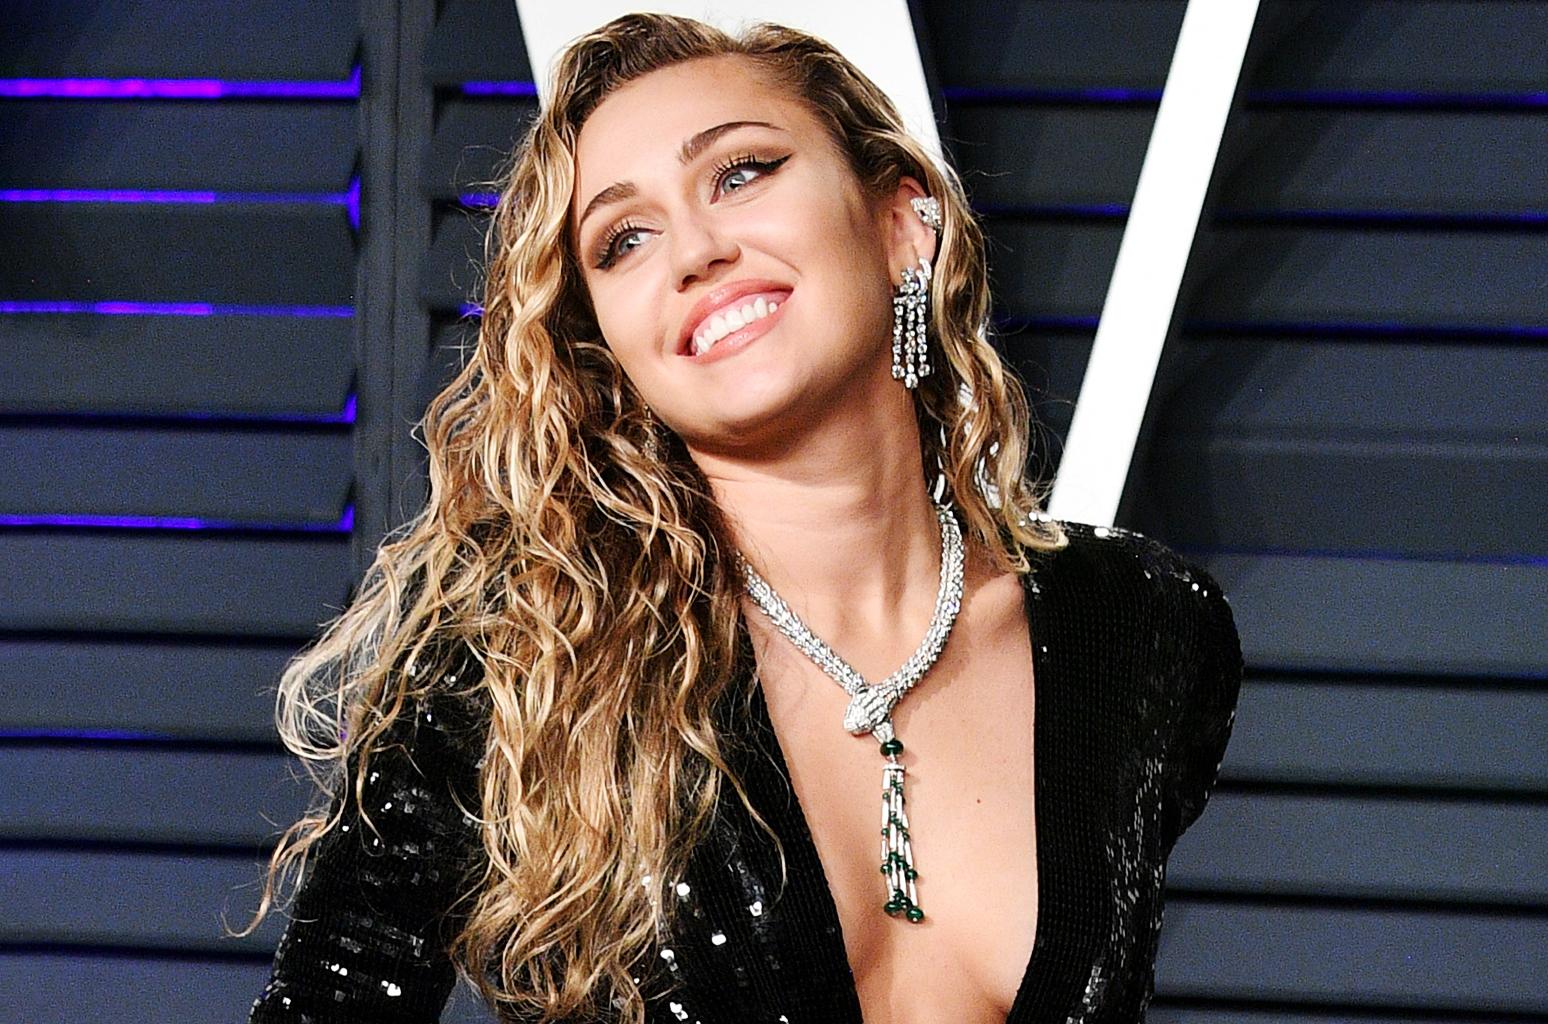 Miley Cyrus passou por alguns problemas de saúde e teve que ser hospitalizada as pressas (Foto: Reprodução)